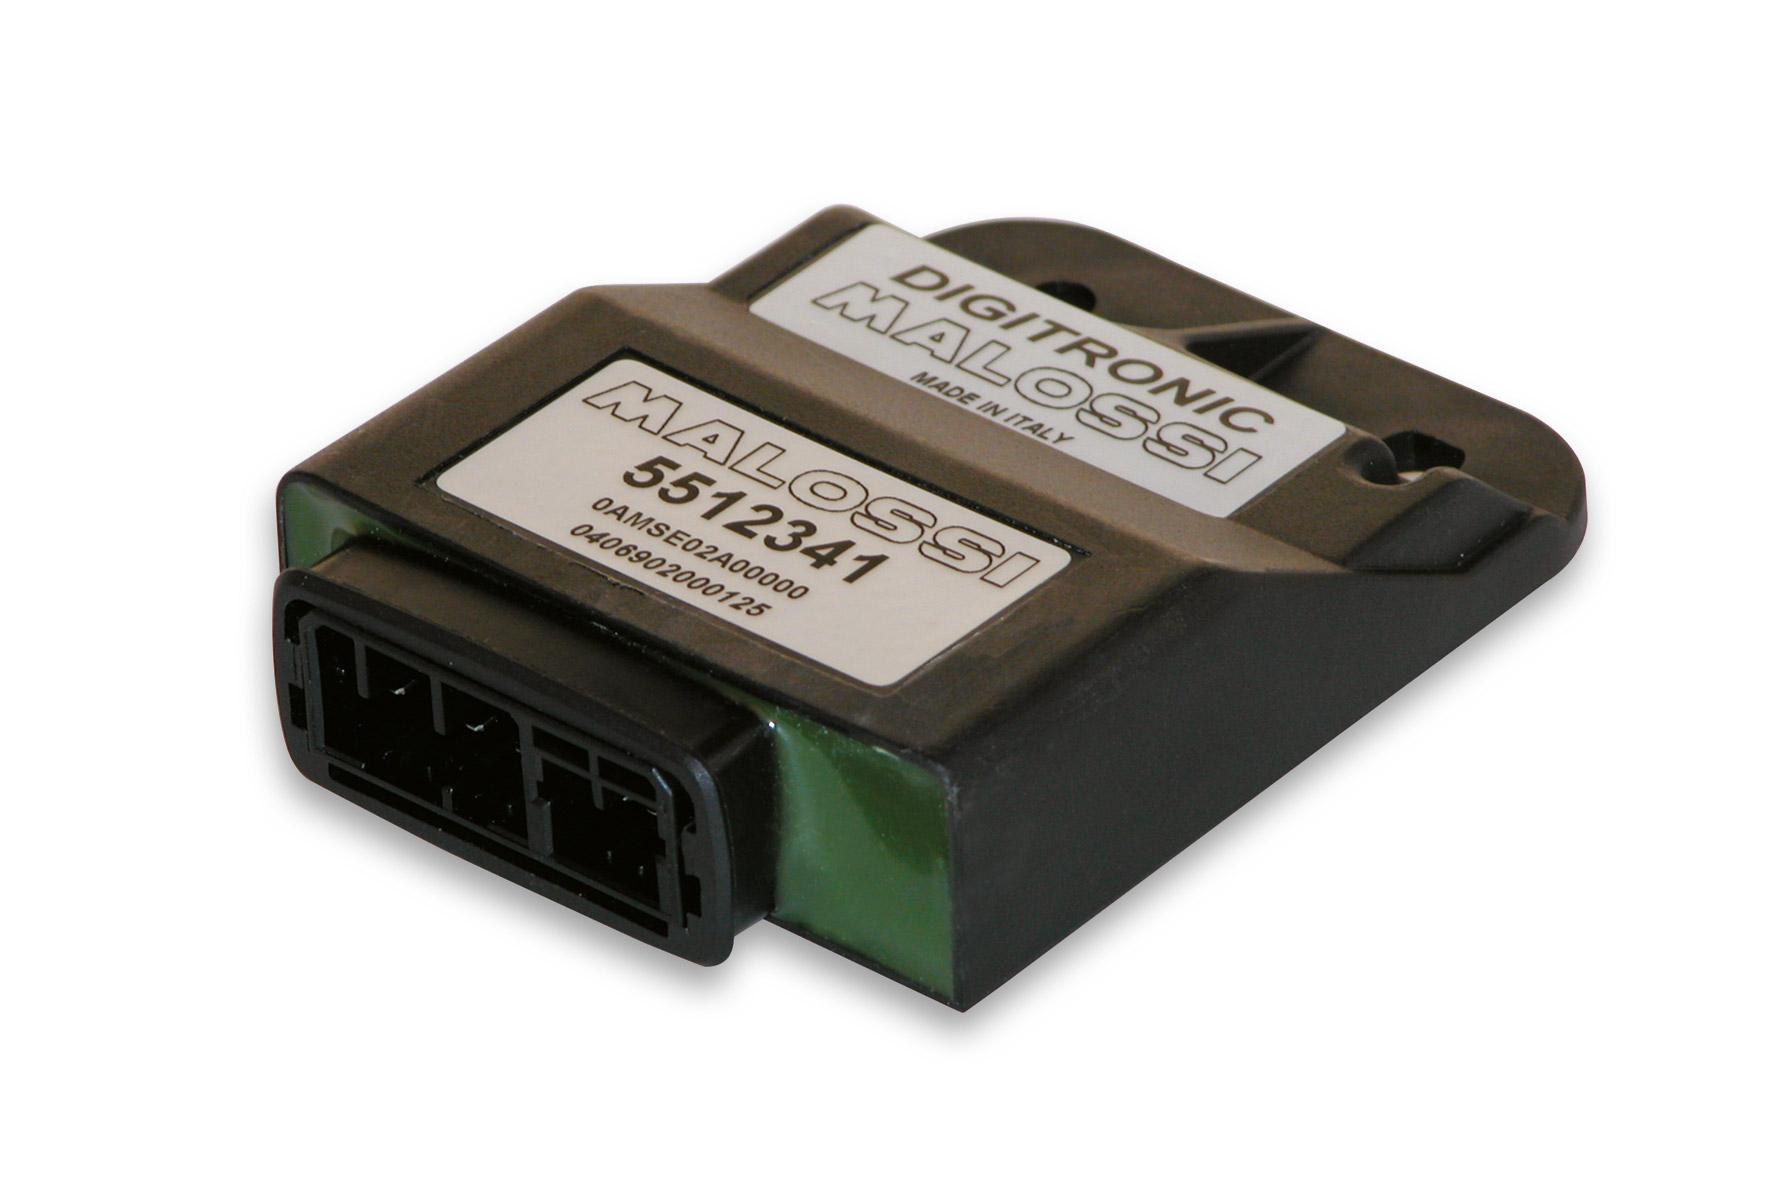 Centralina elettronica digitale DIGITRONIC per veicoli con immobilizer